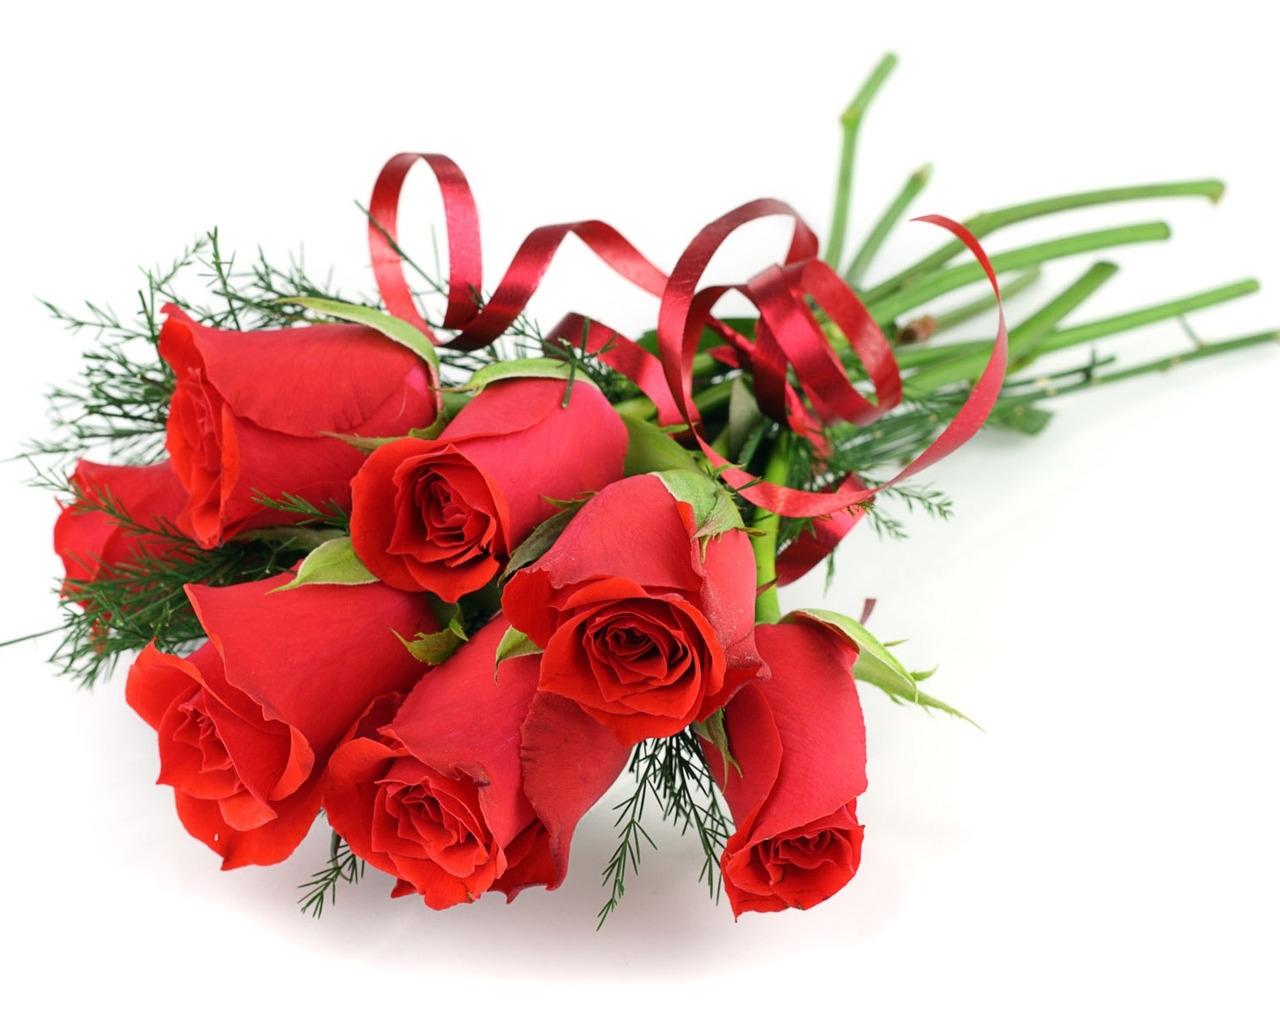 5563 Заставки и Обои 8 Марта на телефон. Скачать Праздники, Растения, Цветы, Розы, 8 Марта картинки бесплатно